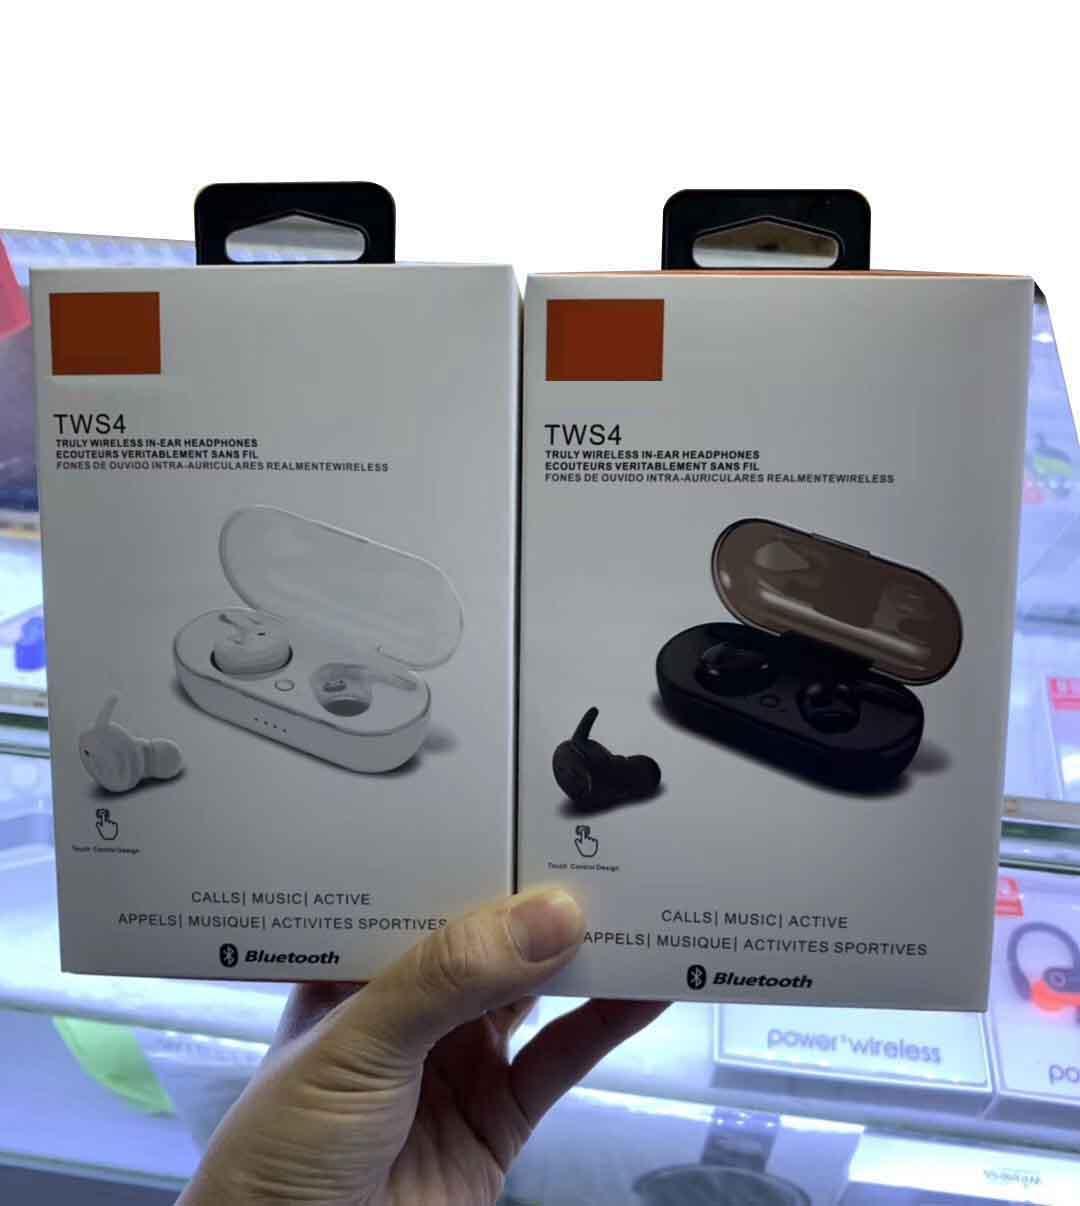 스마트 폰에 대한 차링 상자와 미니 무선 이어폰 브랜드 TWS4 JL 스포츠 블루투스 헤드셋 스테레오 이어폰 이어폰